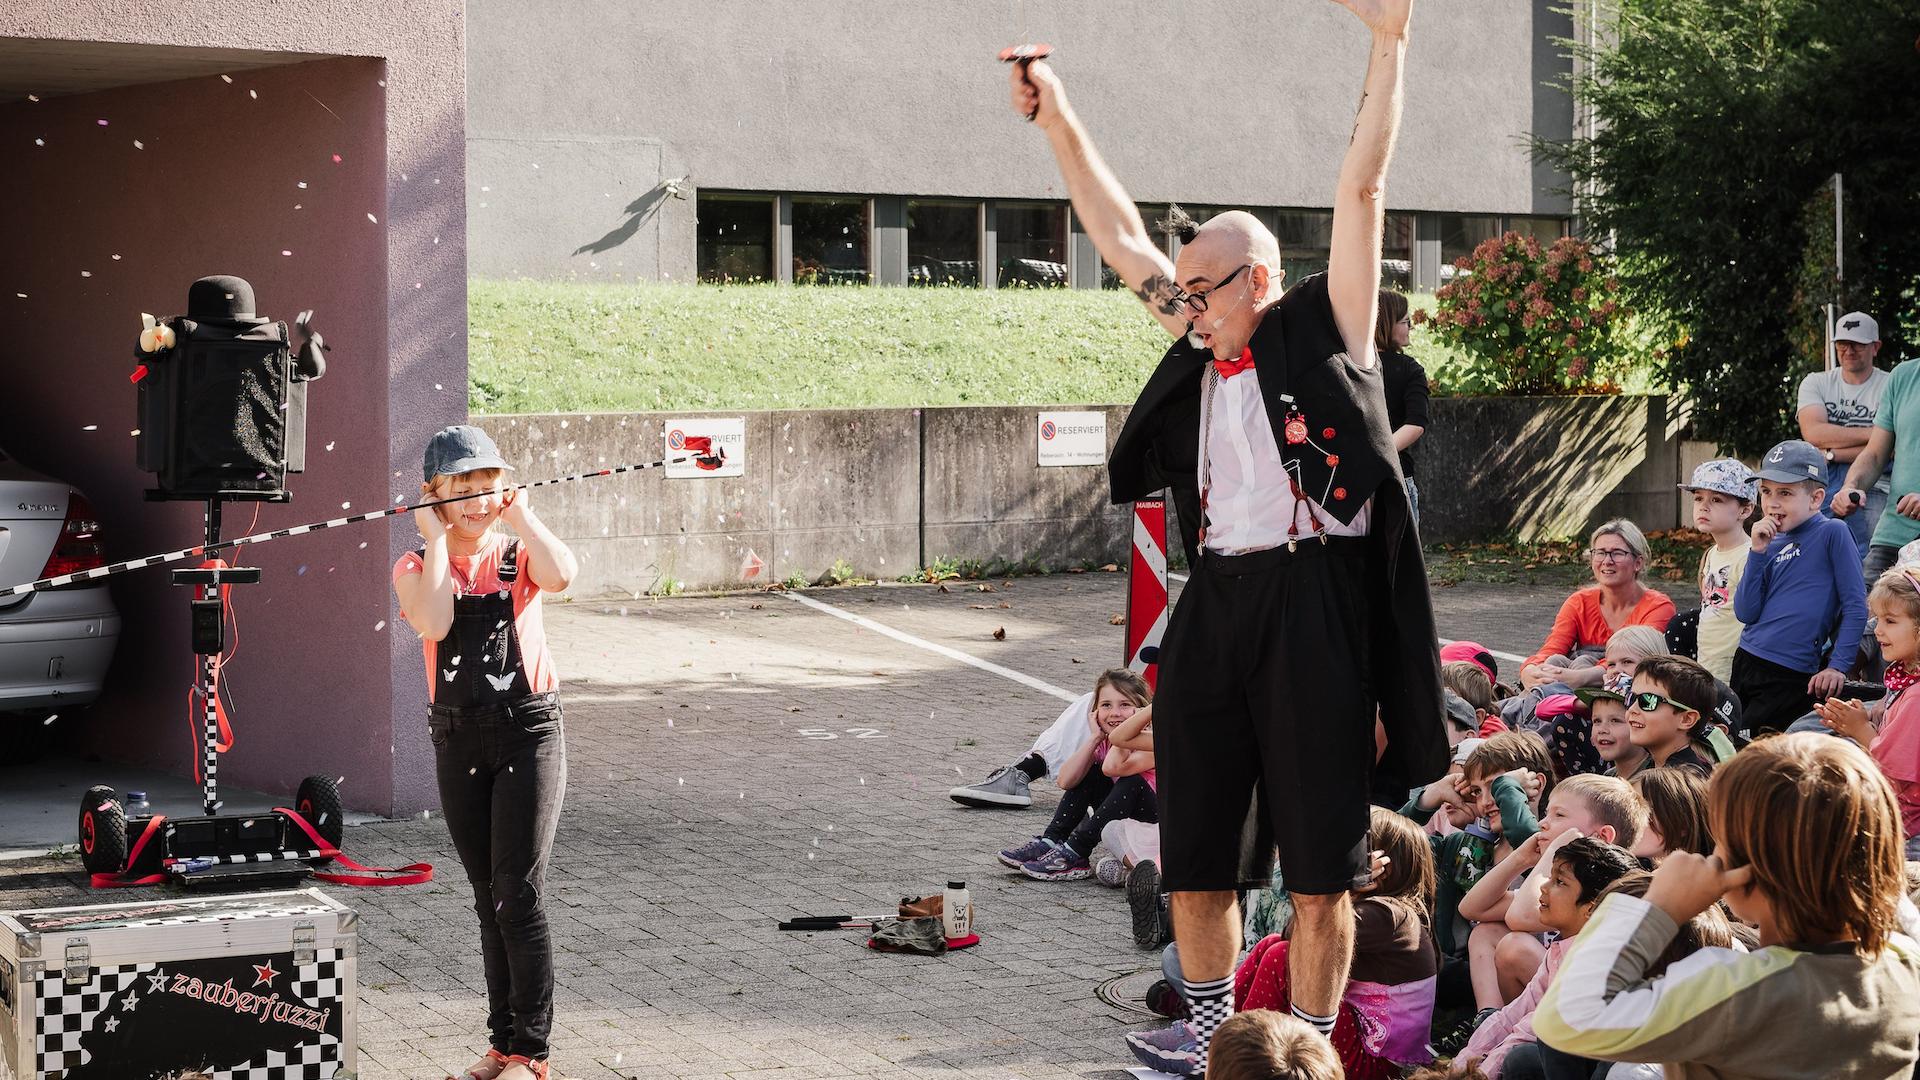 2019-09-29-Saisoneroeffnung-Jugend-und-Kindertheater-TAK-0167